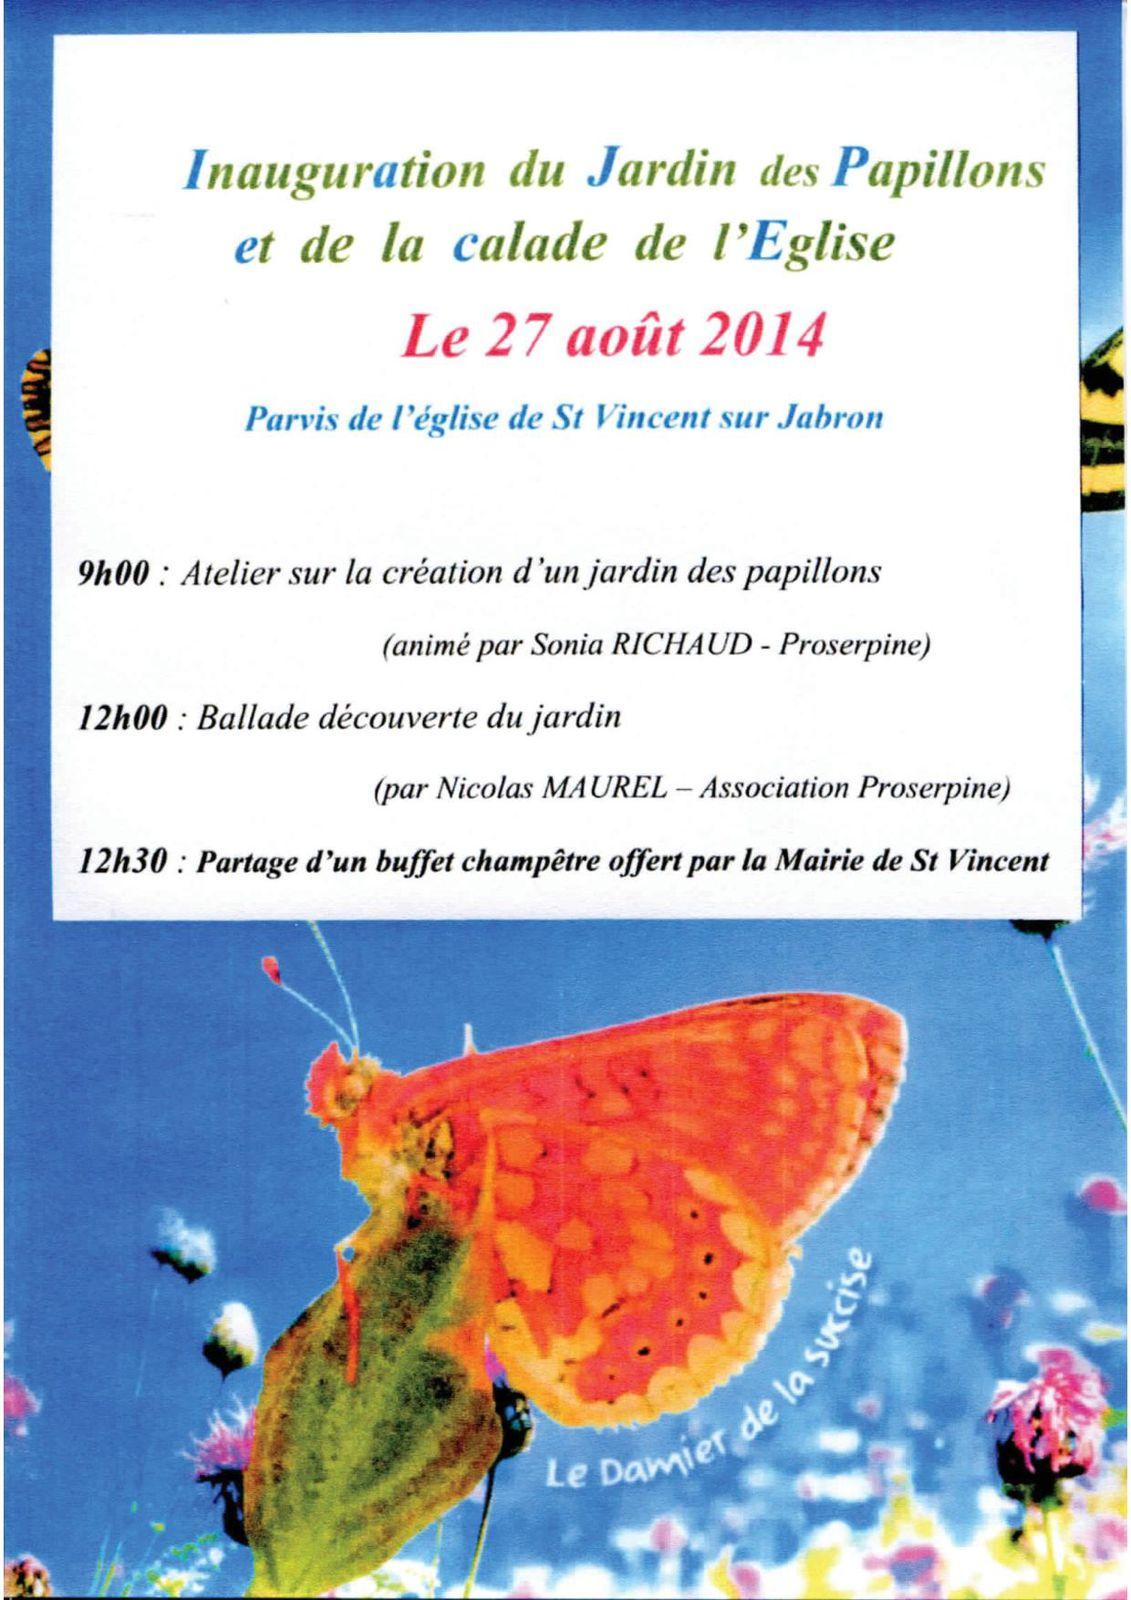 2014 08 27 Affichette Inauguration jardin des papillons